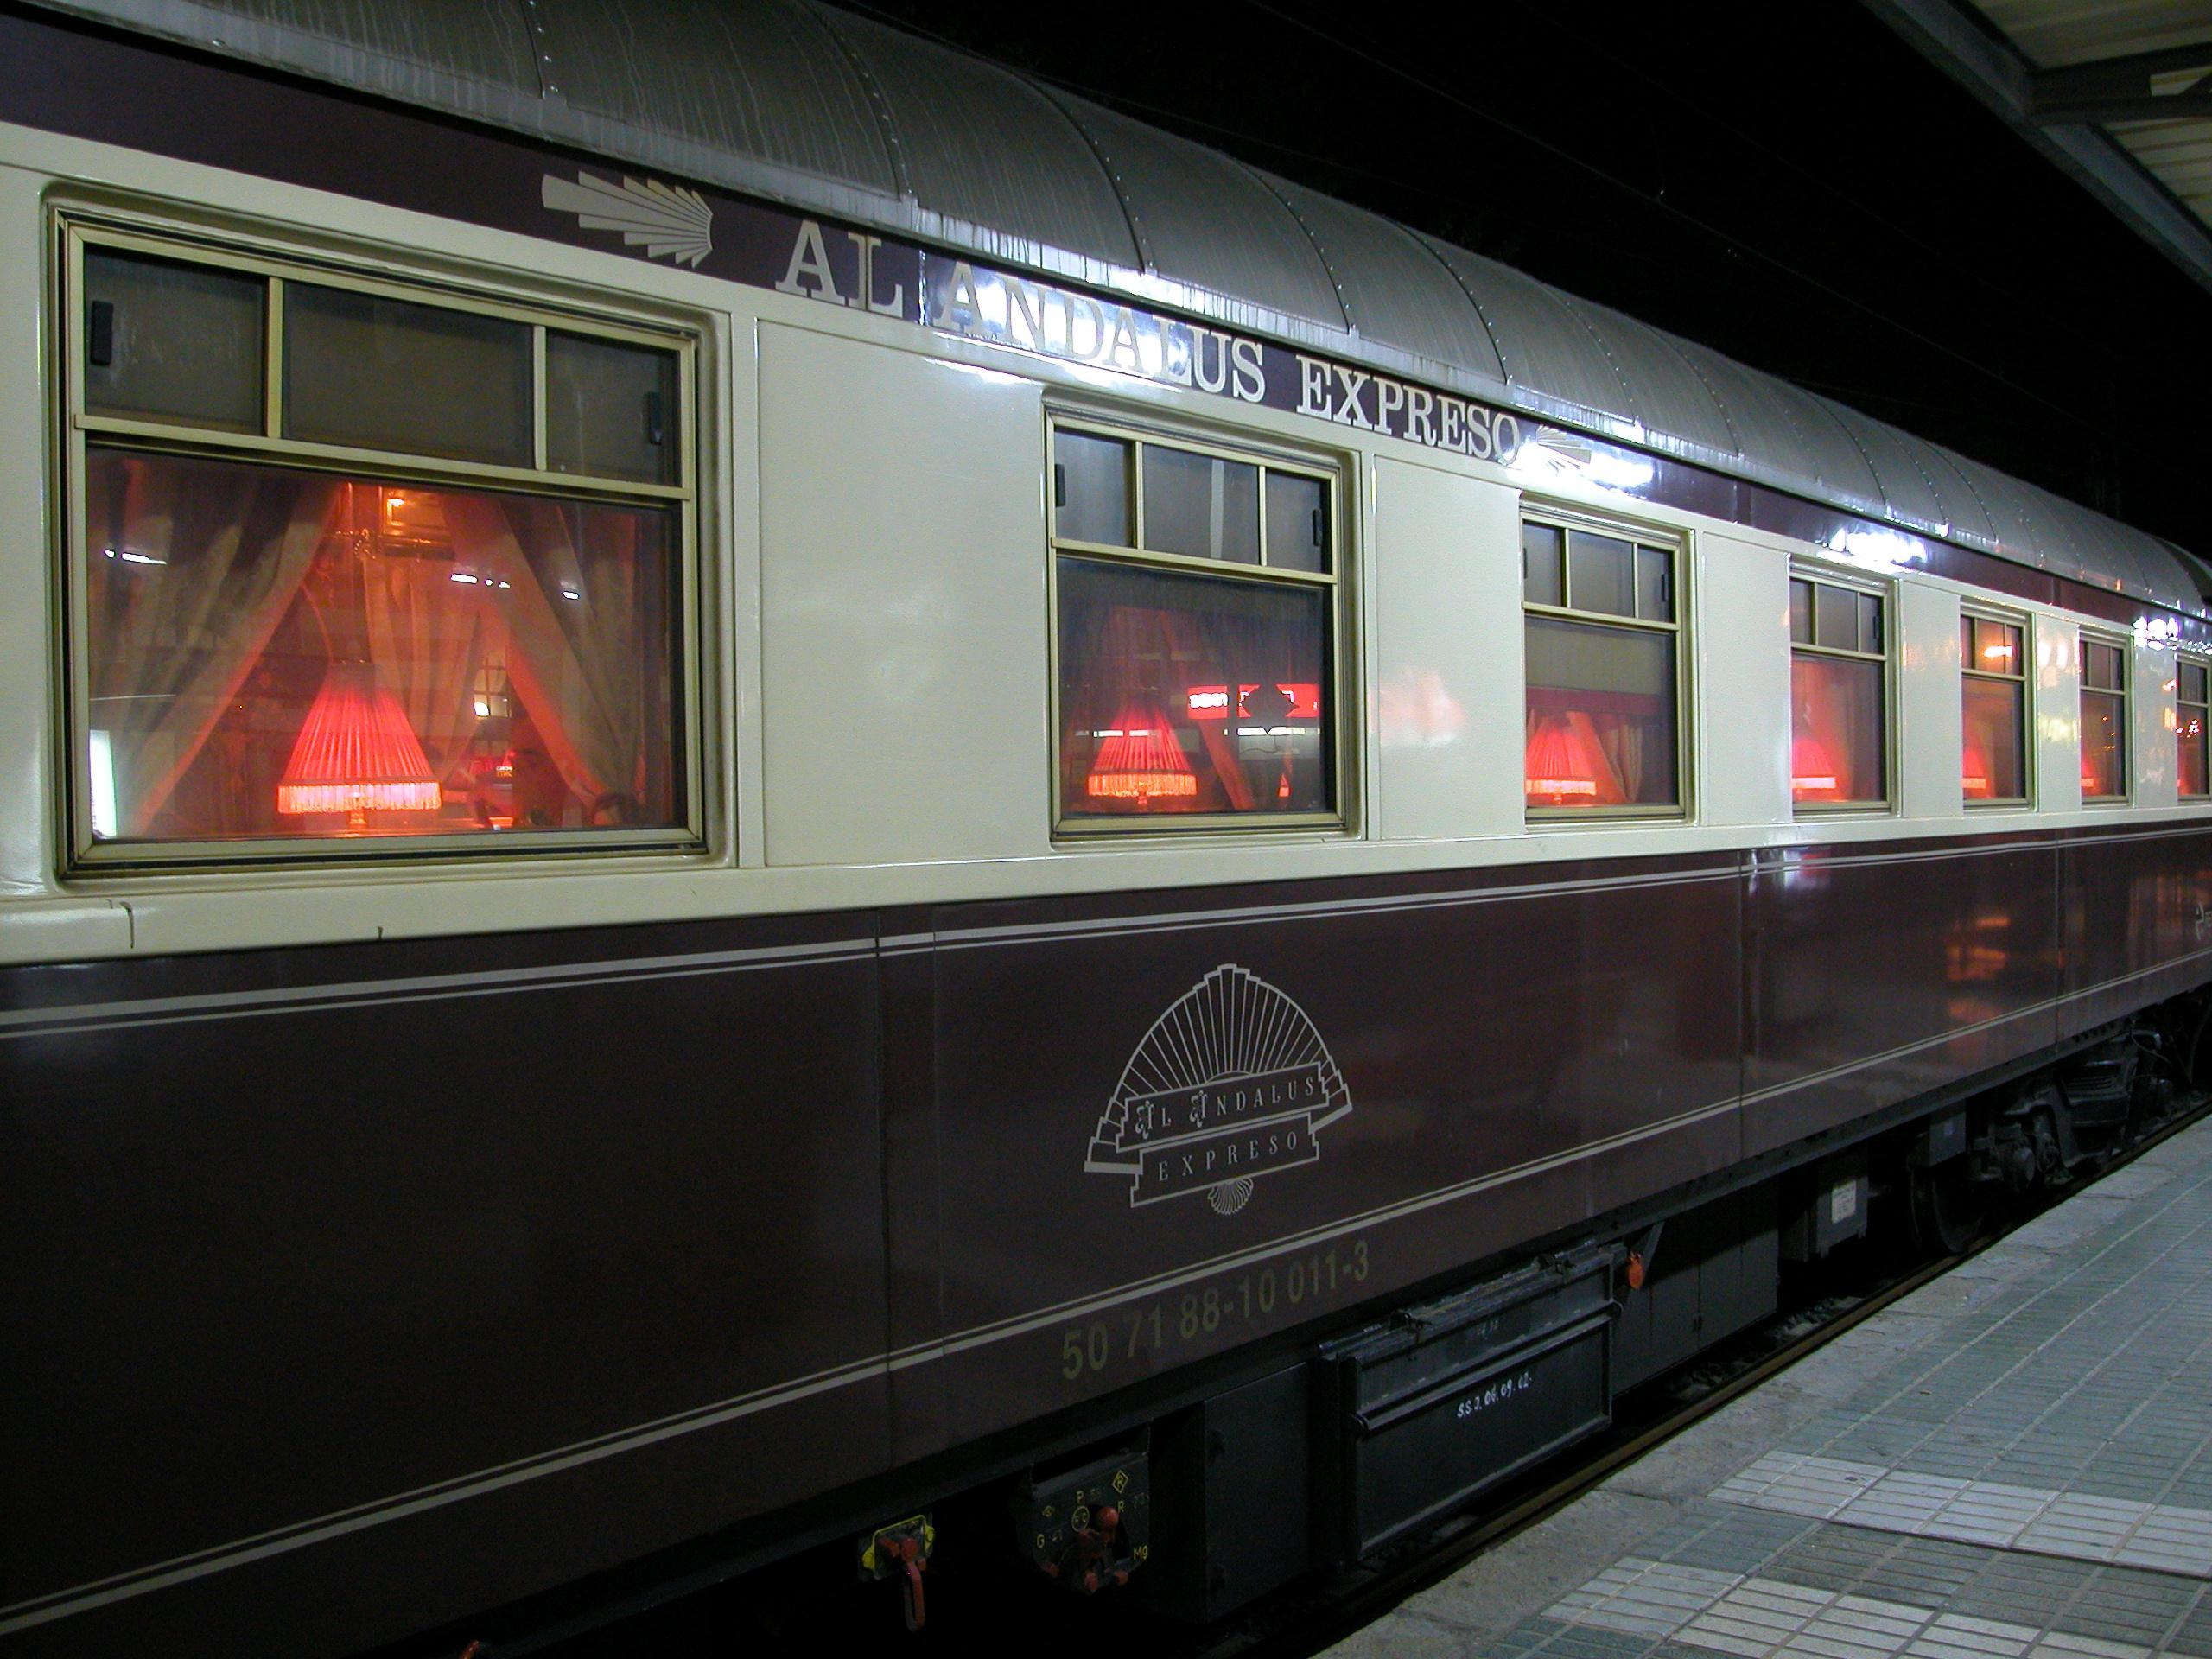 Поезд-отель Al-Andalus ждет любителей комфортных путешествий